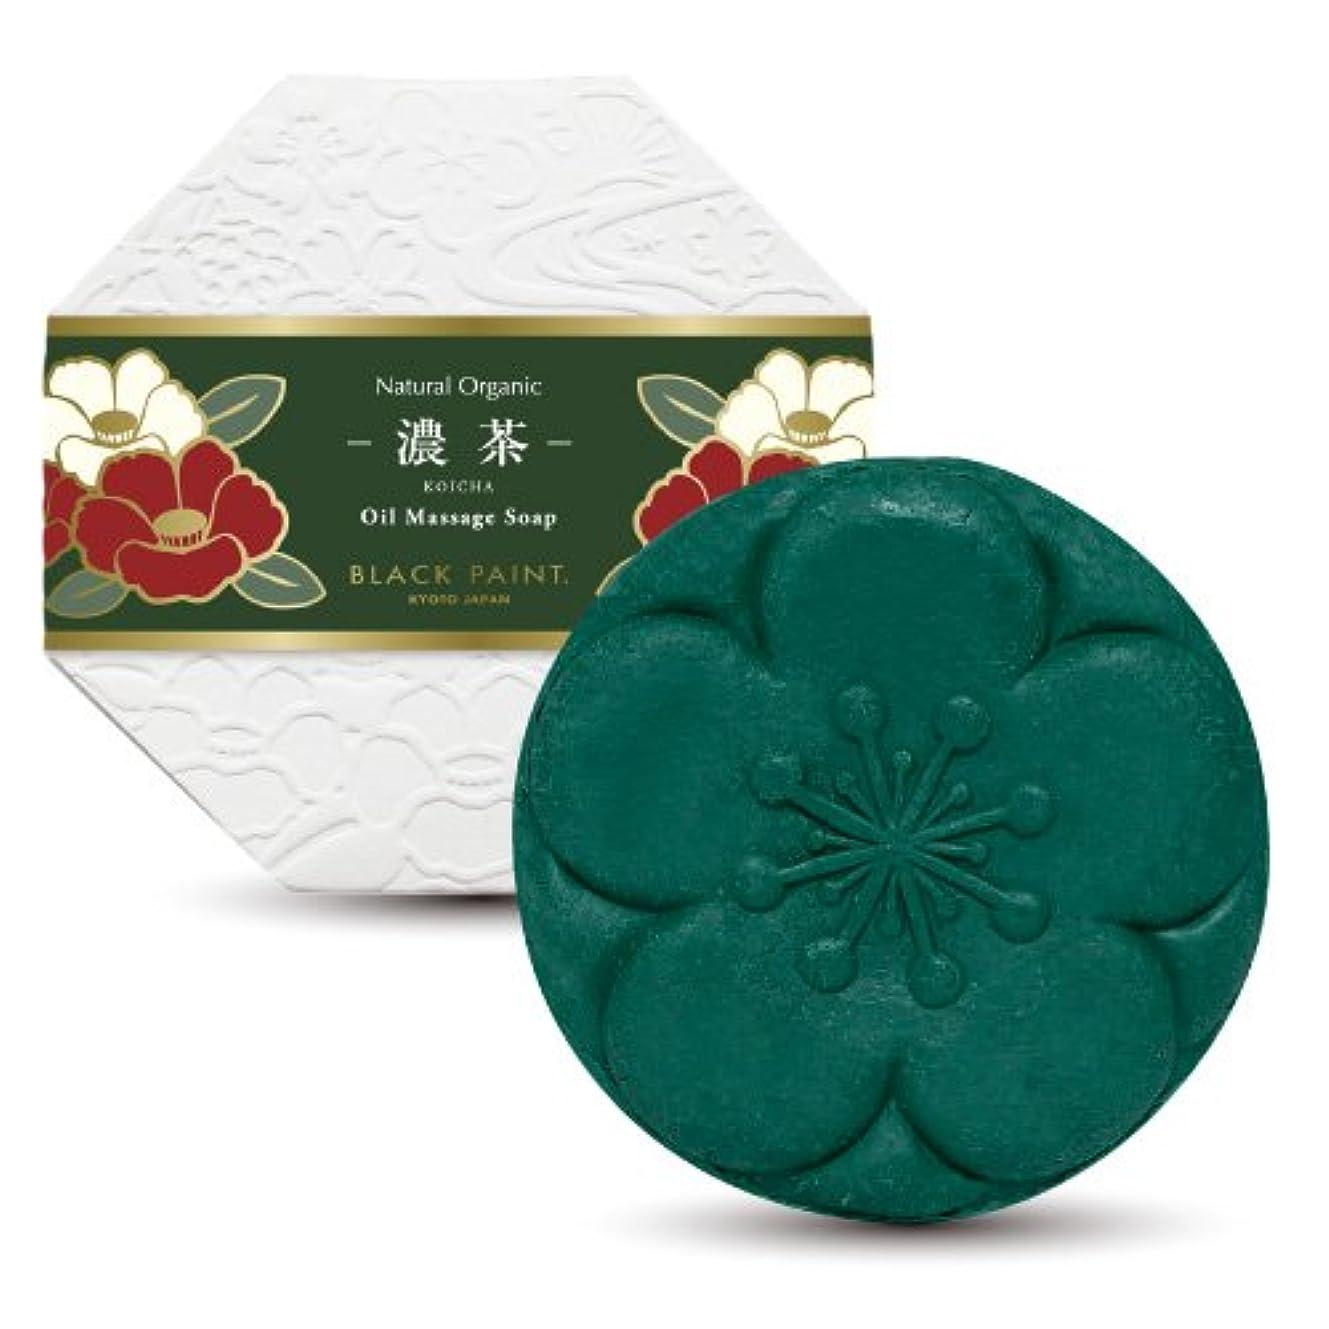 月曜日落ち込んでいる満員京のお茶石鹸 濃茶 120g 塗る石鹸